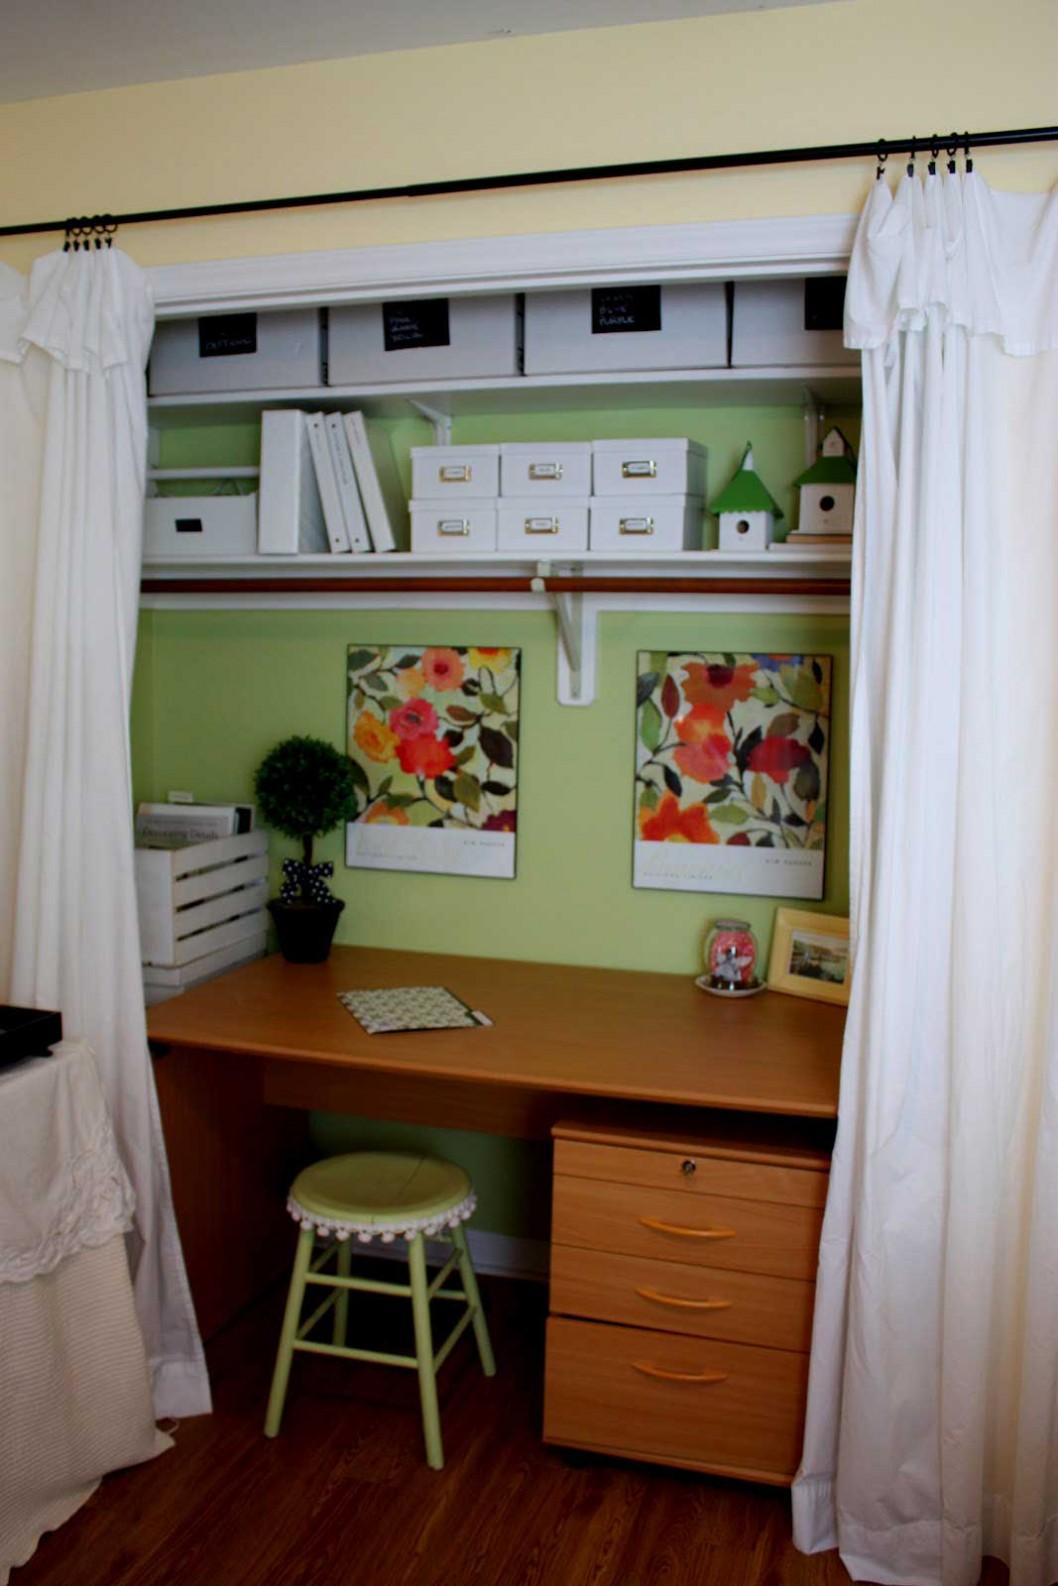 Шторы закрывающие офис в нише сочетаясь с оконными могут полностью и гармонично скрывать офисное пространство.